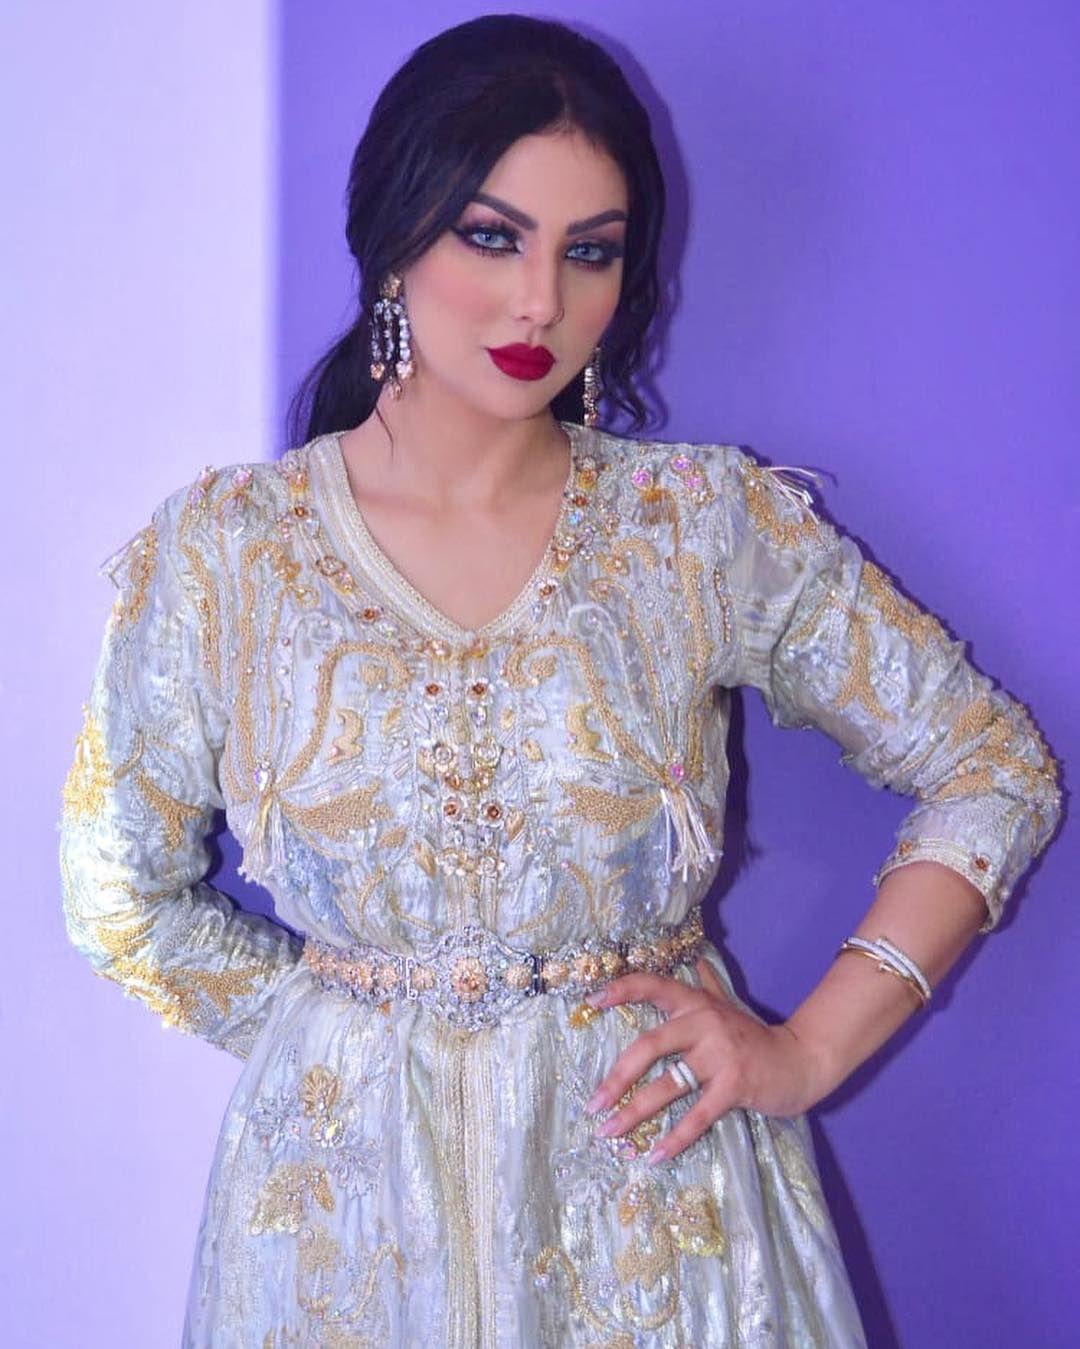 Ibtissam Tiskat On Instagram أحبائي انتظروني في البرايم الأول من برنامج لالة العروسة مساء السبت على قناة الأولى غتكون مفاجأة للع Caftan Dress Dresses Fashion